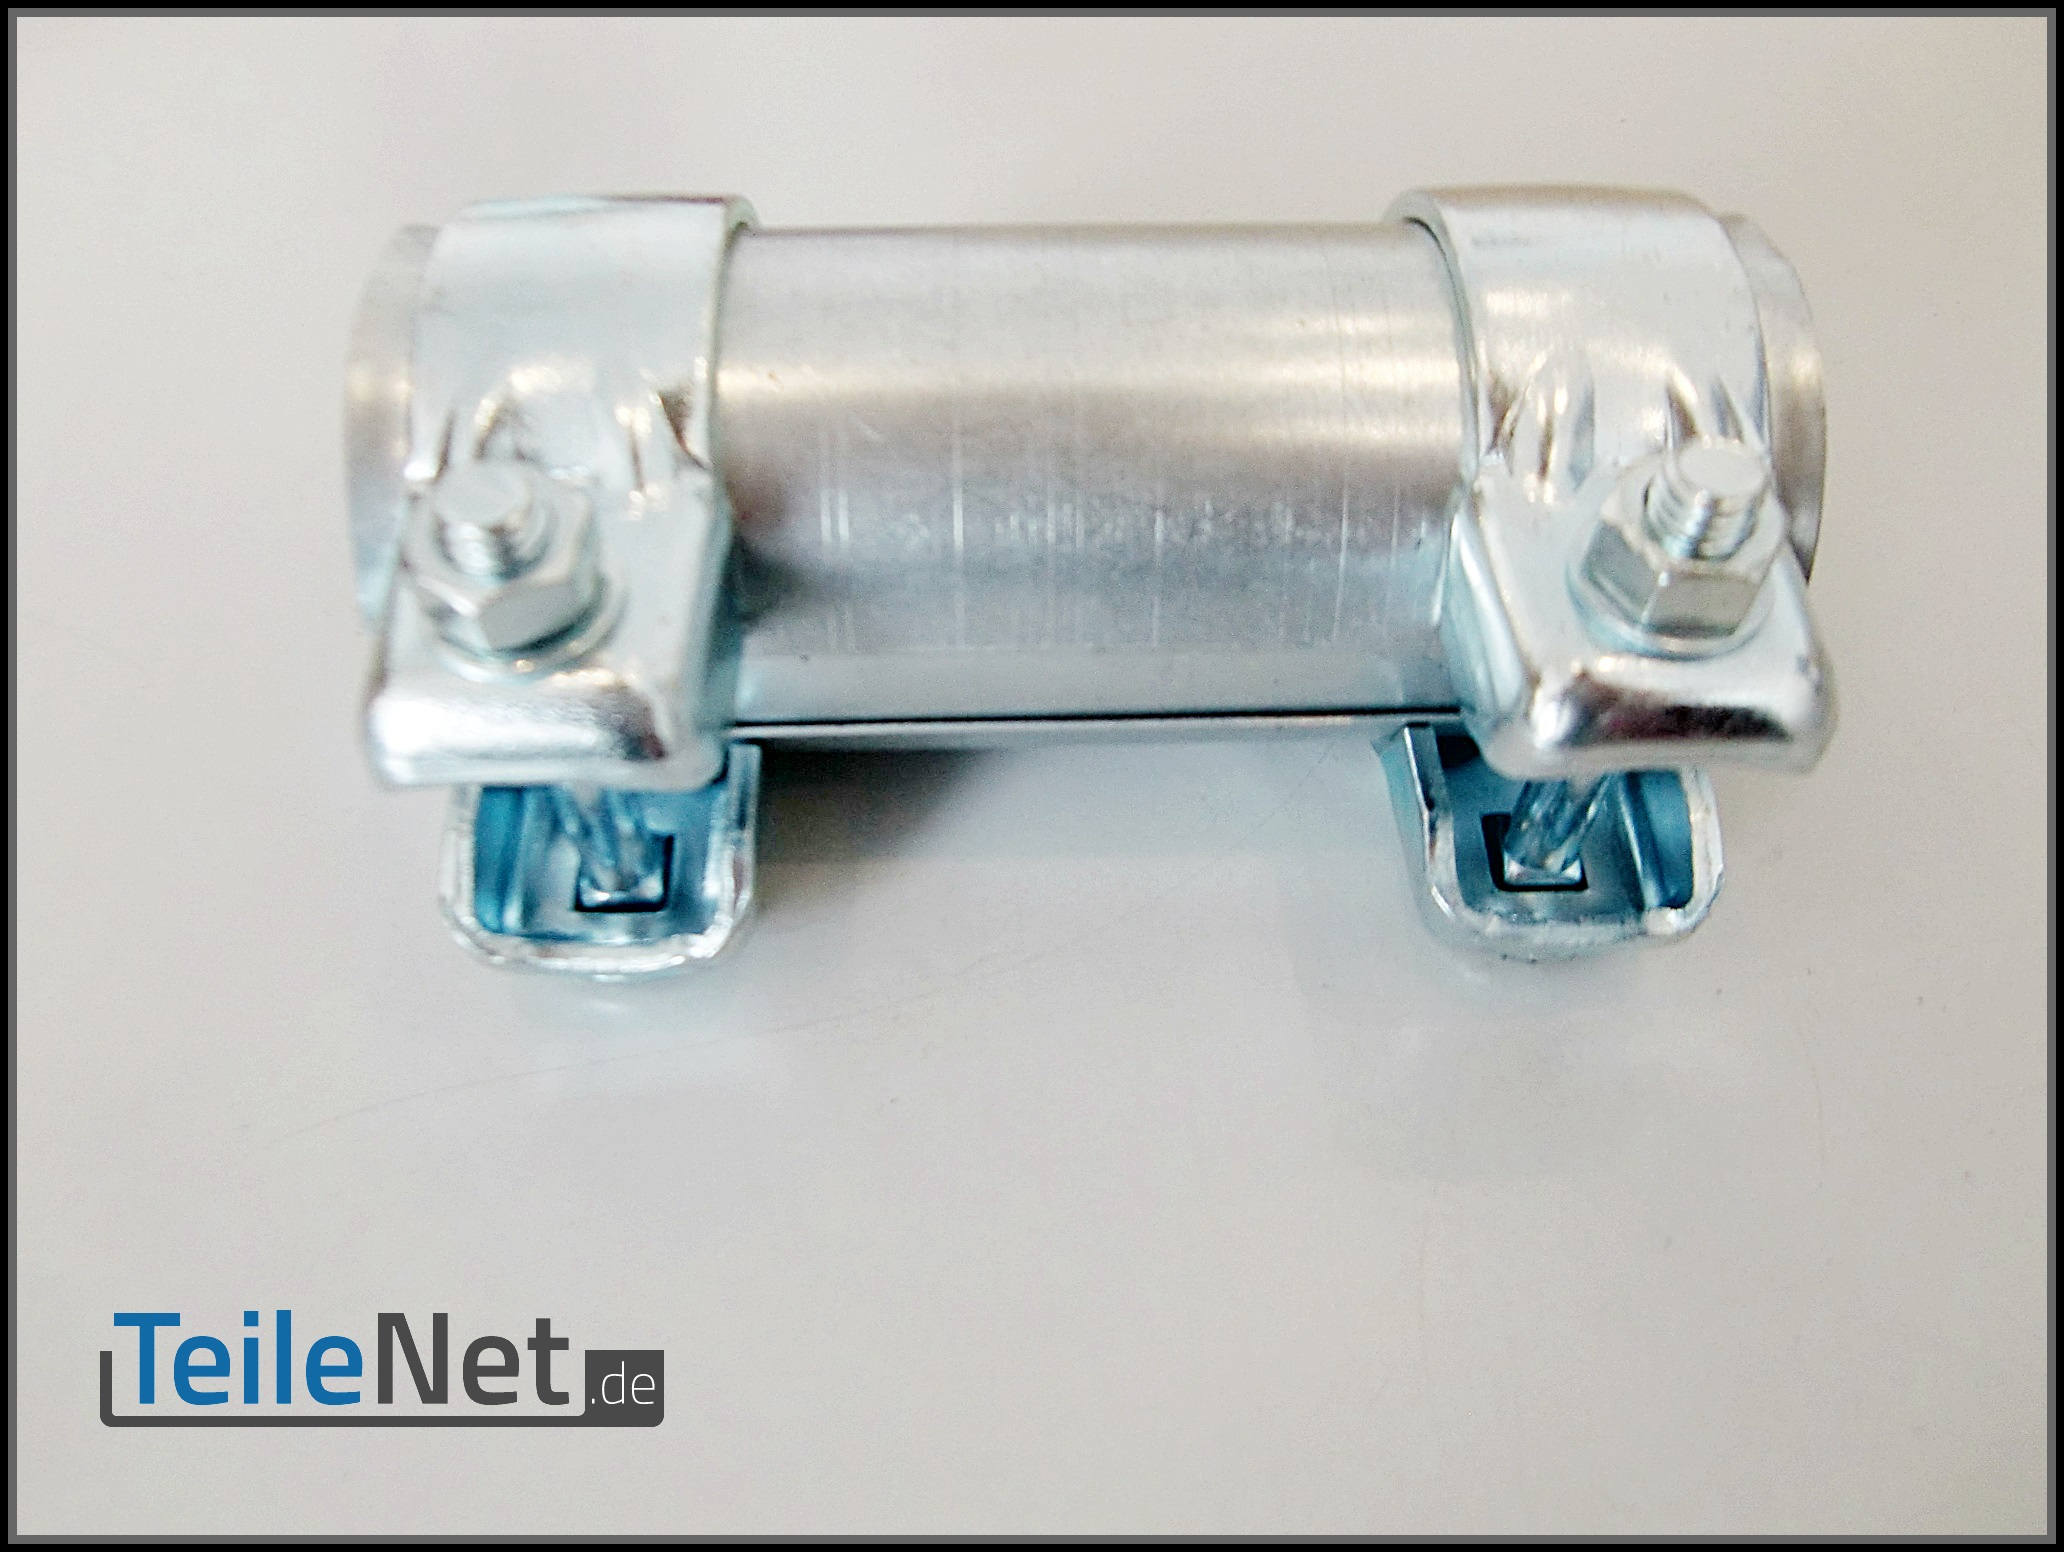 auspuff reparatur schelle universal rohrverbinder. Black Bedroom Furniture Sets. Home Design Ideas